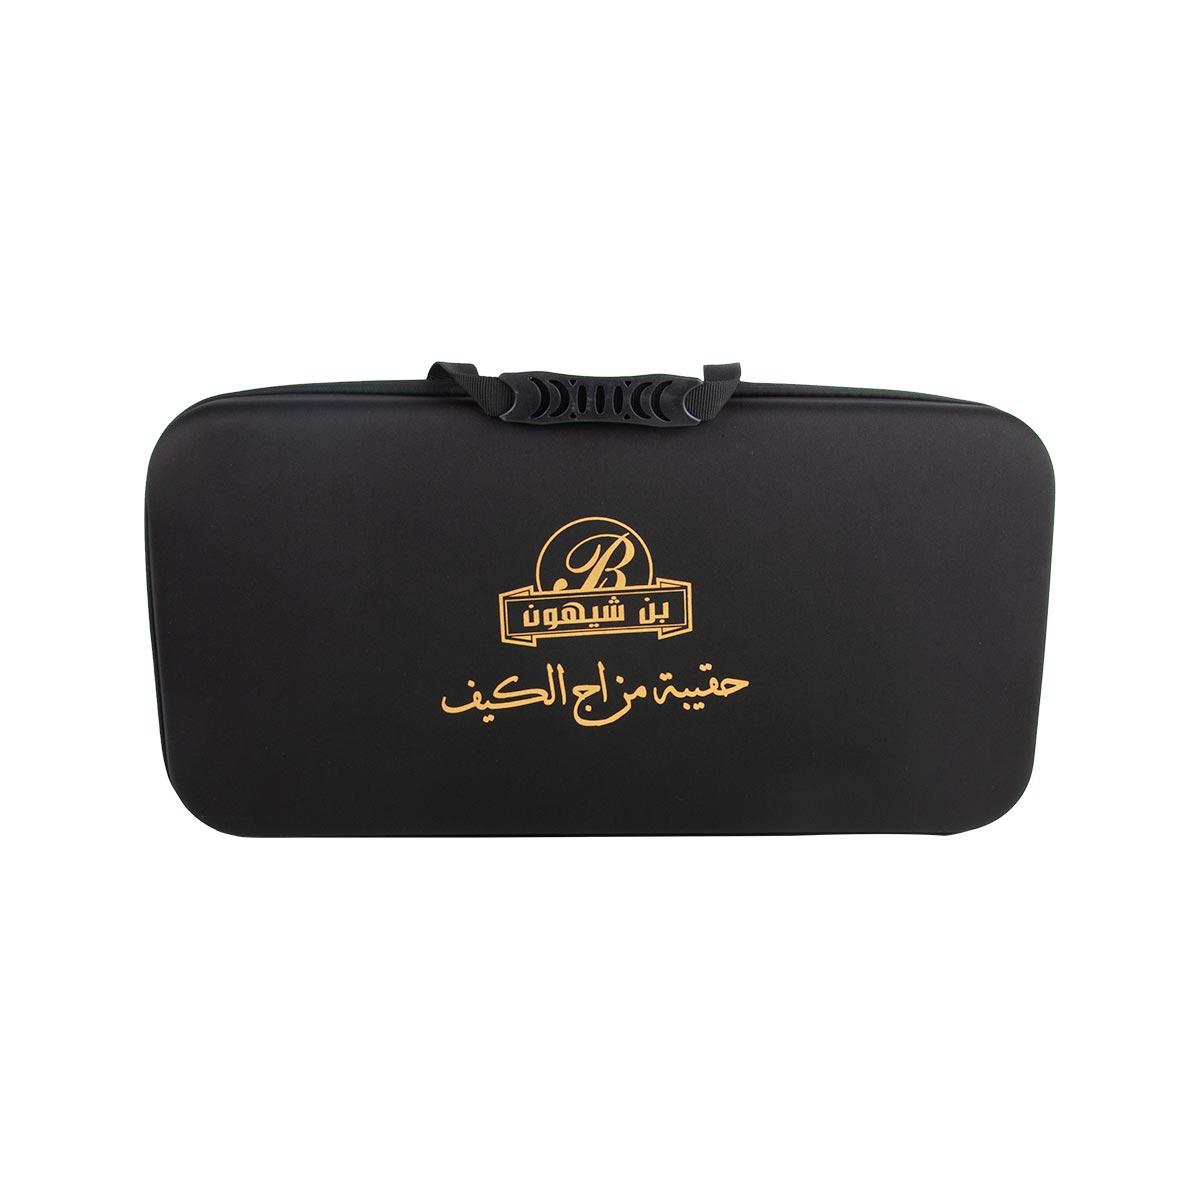 طقم حقيبة قهوة مزاج الكيف رقم 307638